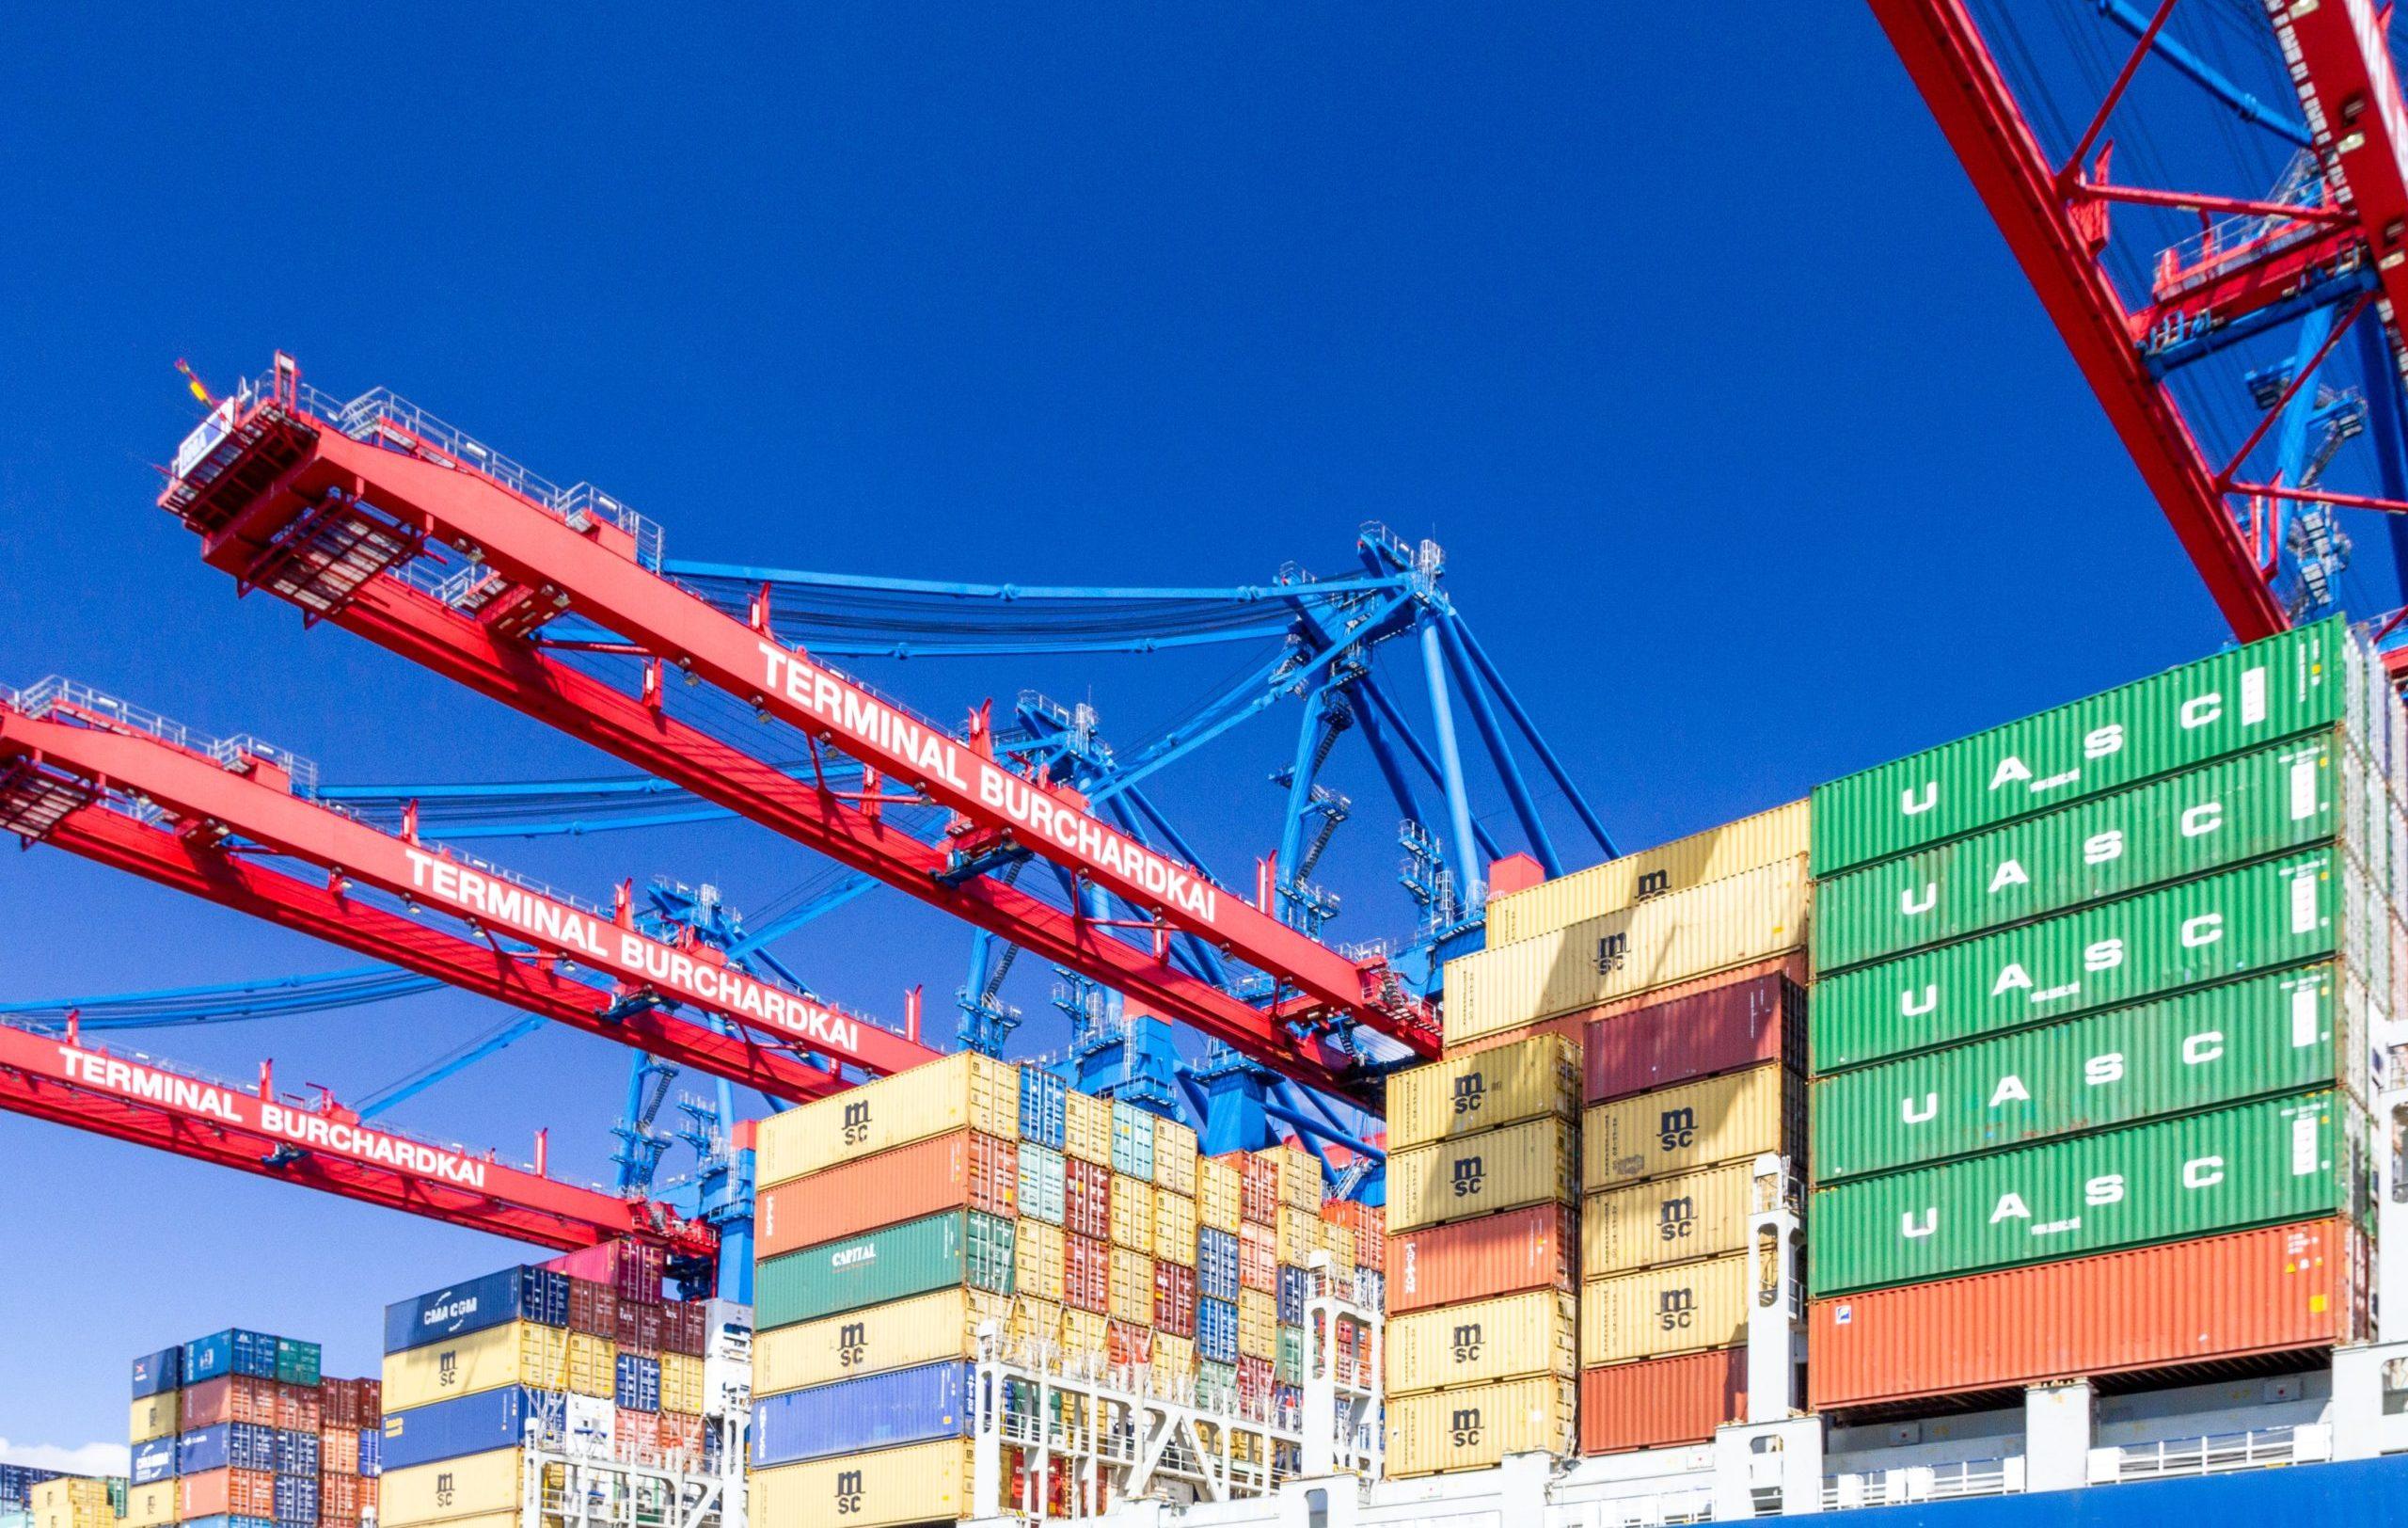 Logistik: E-Commerce ist ein starker Treiber für Logistik